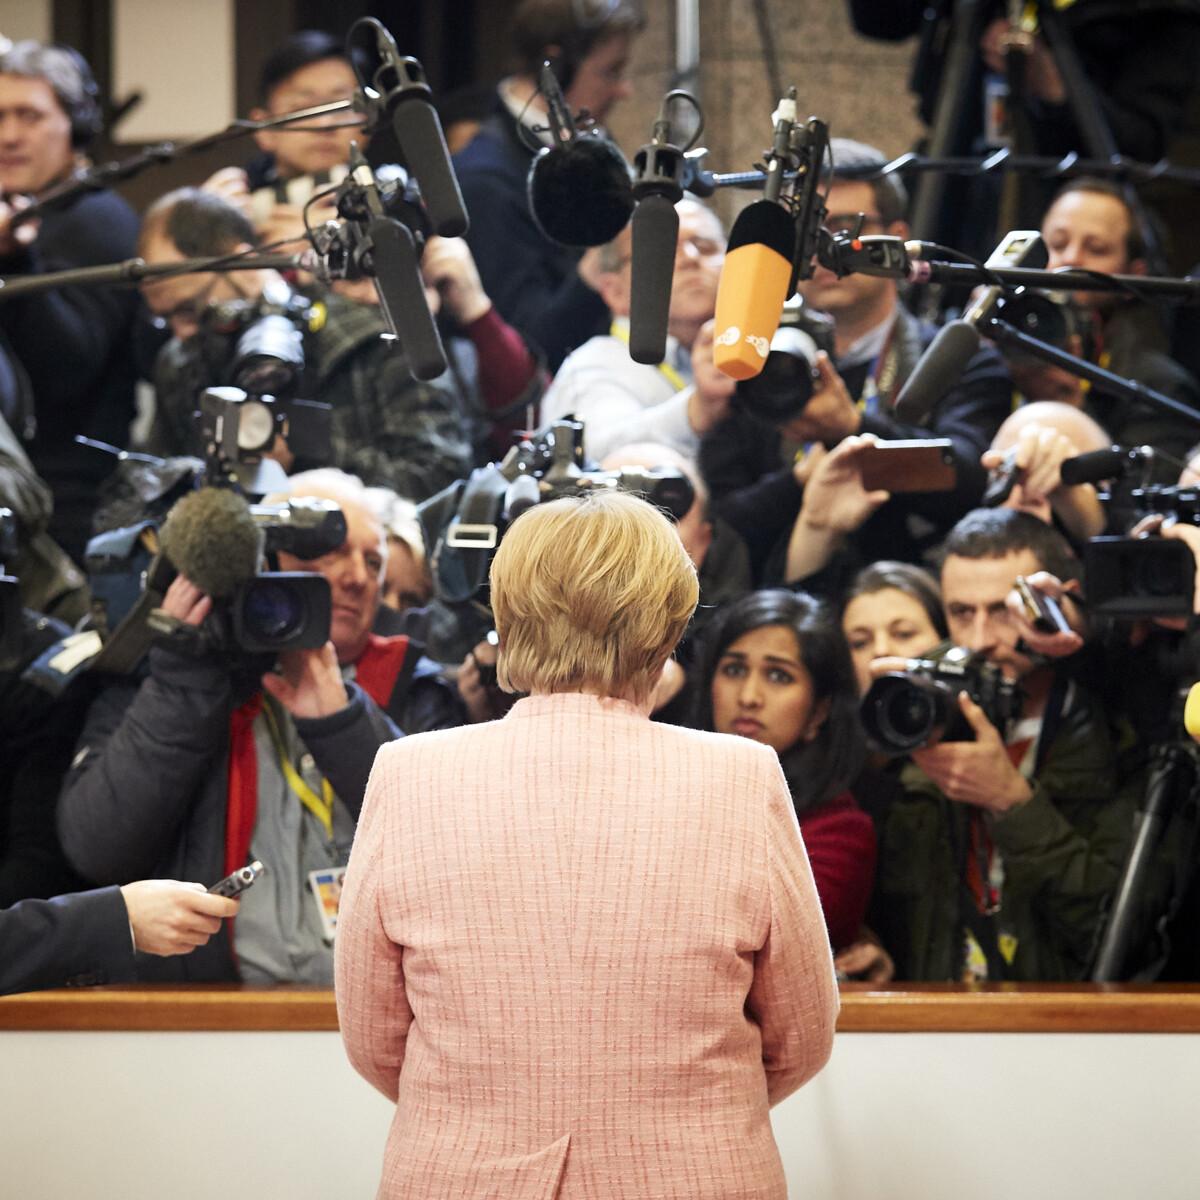 Addio a Merkel e bentornato al nucleare: tutti gli highlights del Vertice Ue di ottobre